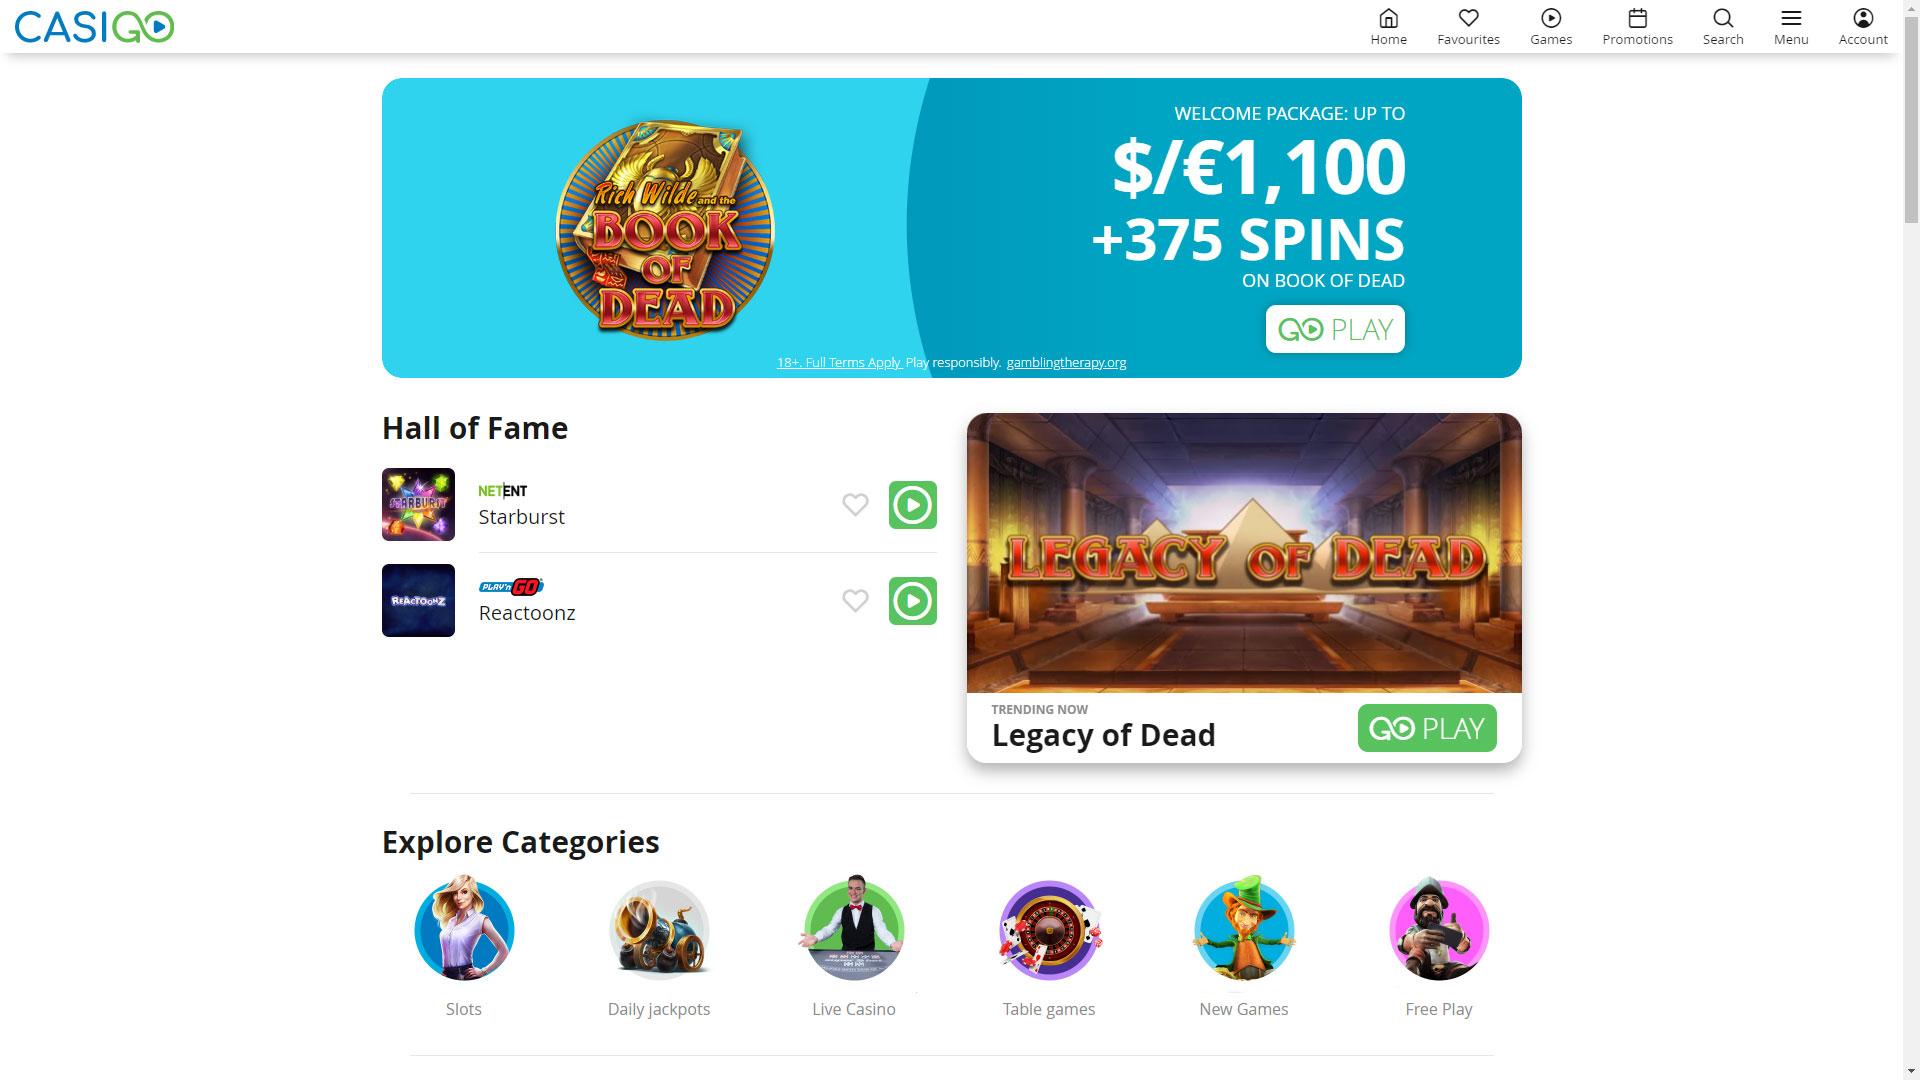 CasiGo Casino screenshot